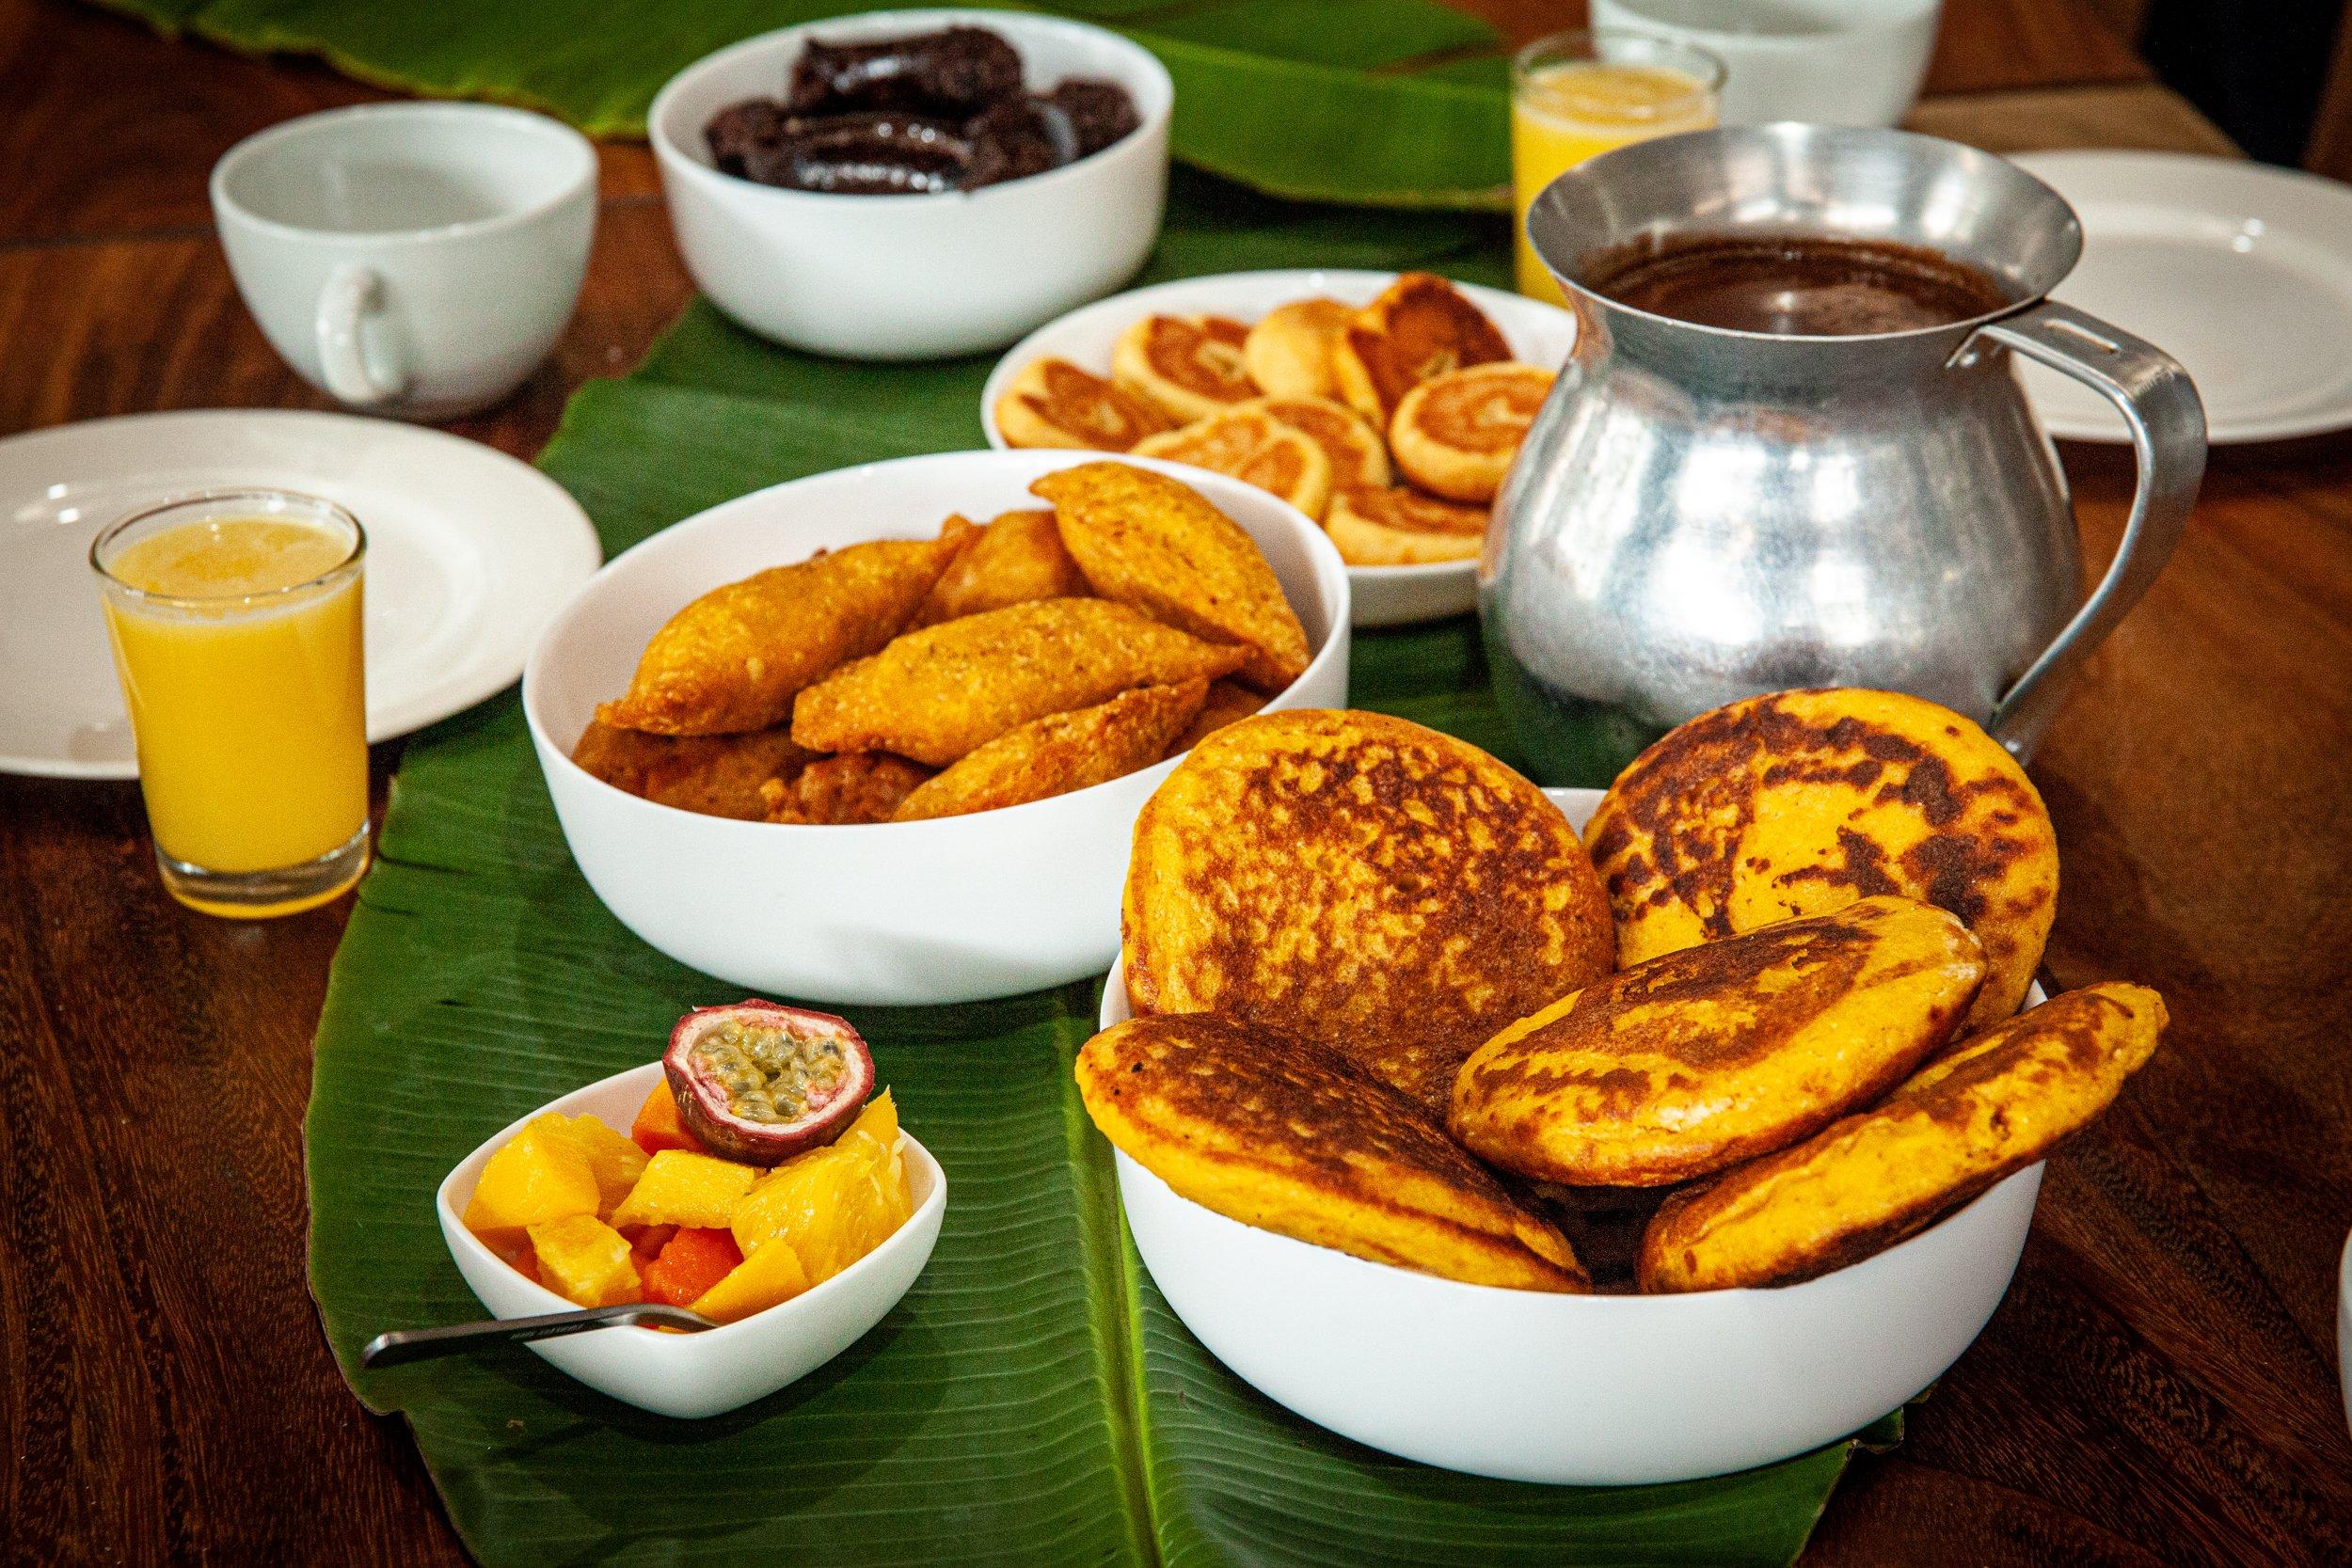 Fotoblog: 5 platos para disfrutar el sabor de Antioquia